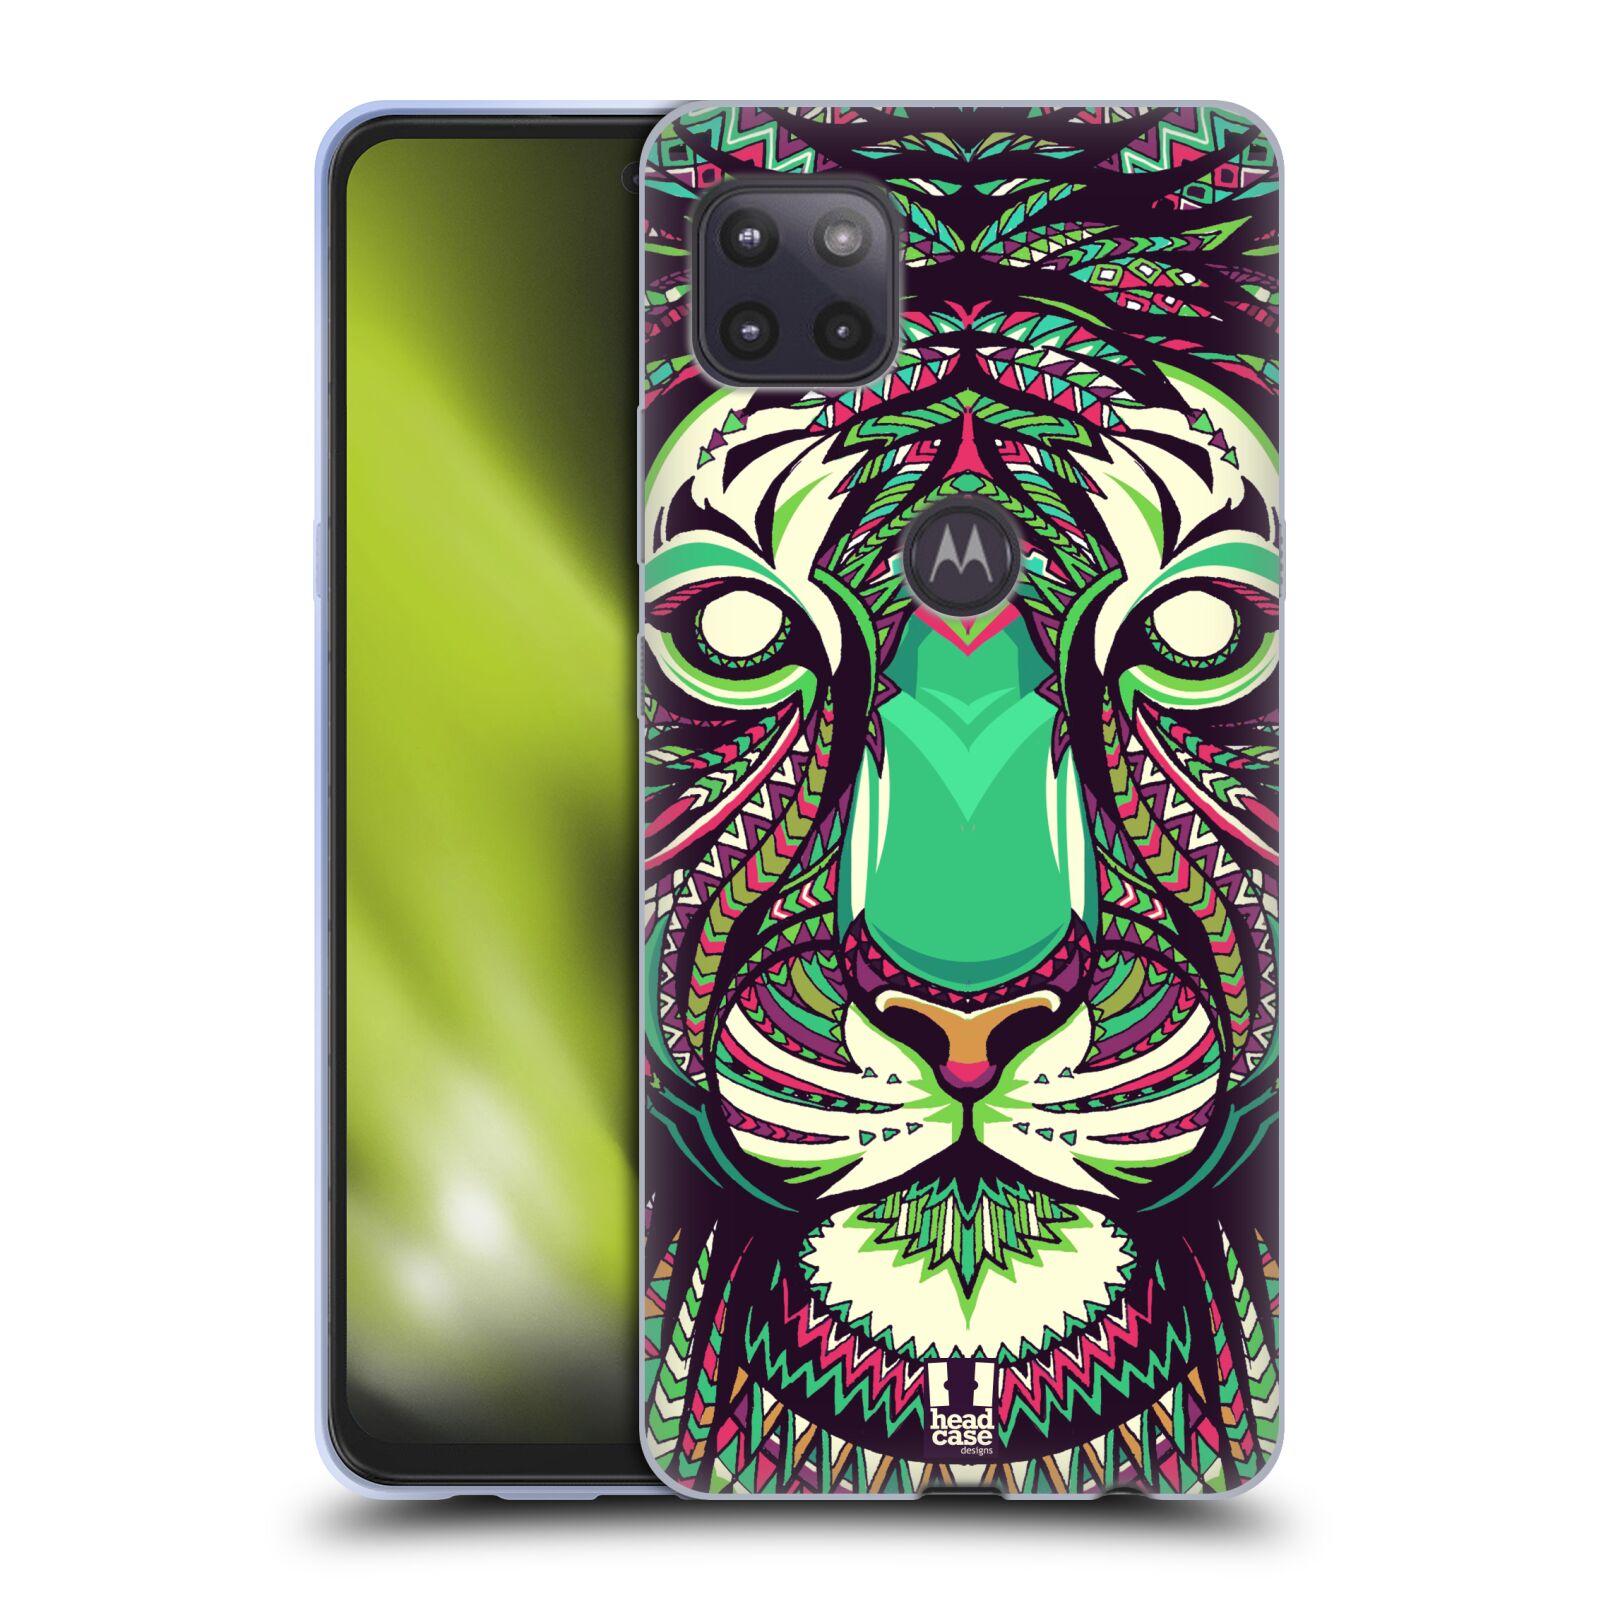 Silikonové pouzdro na mobil Motorola Moto G 5G - Head Case - AZTEC TYGR